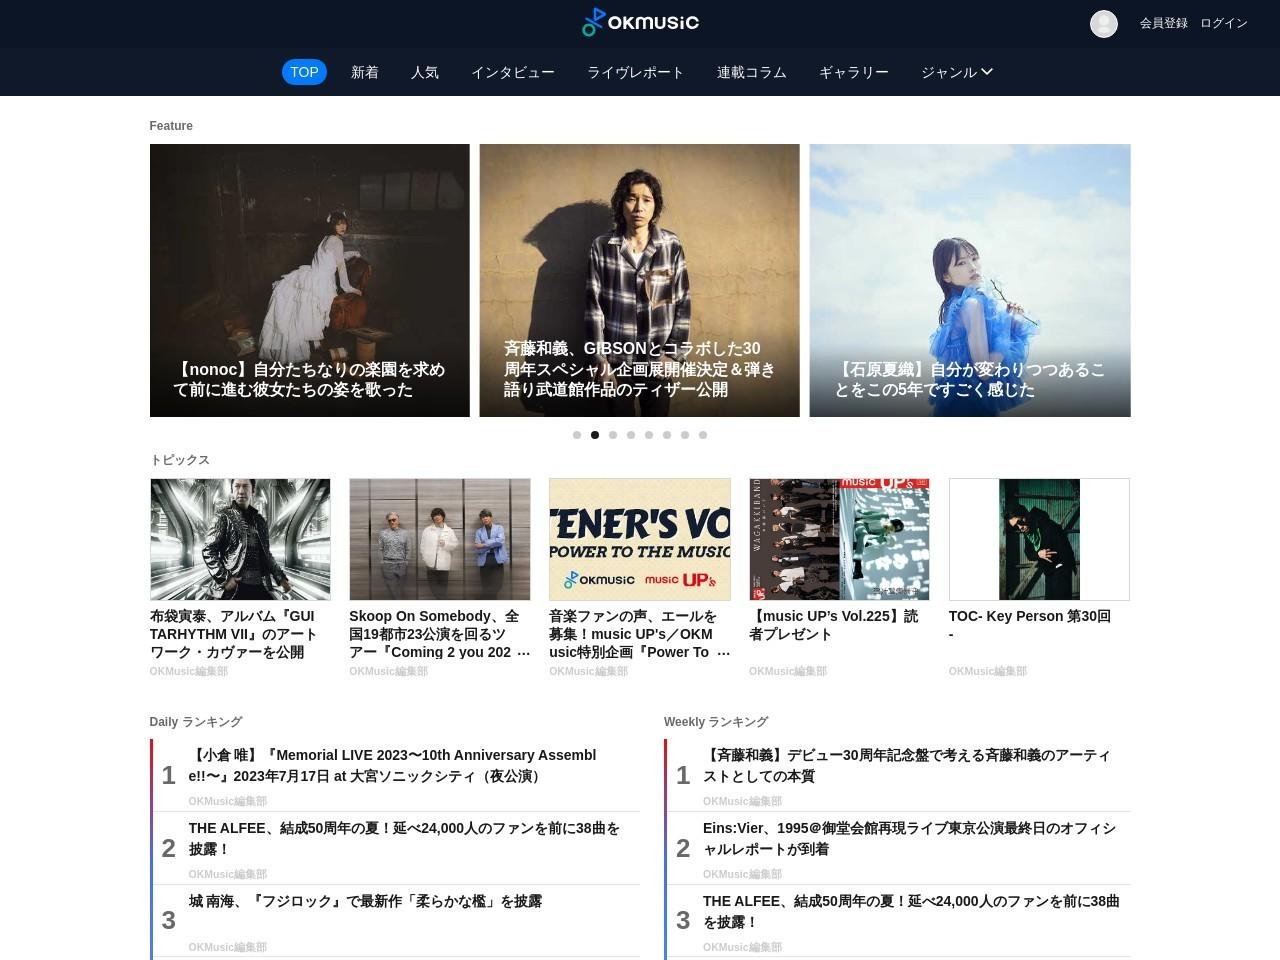 『アニュータ』が2018年夏のゲーム楽曲再生ランキングを発表! 第一位はPoppin'Partyの「二重の虹 …